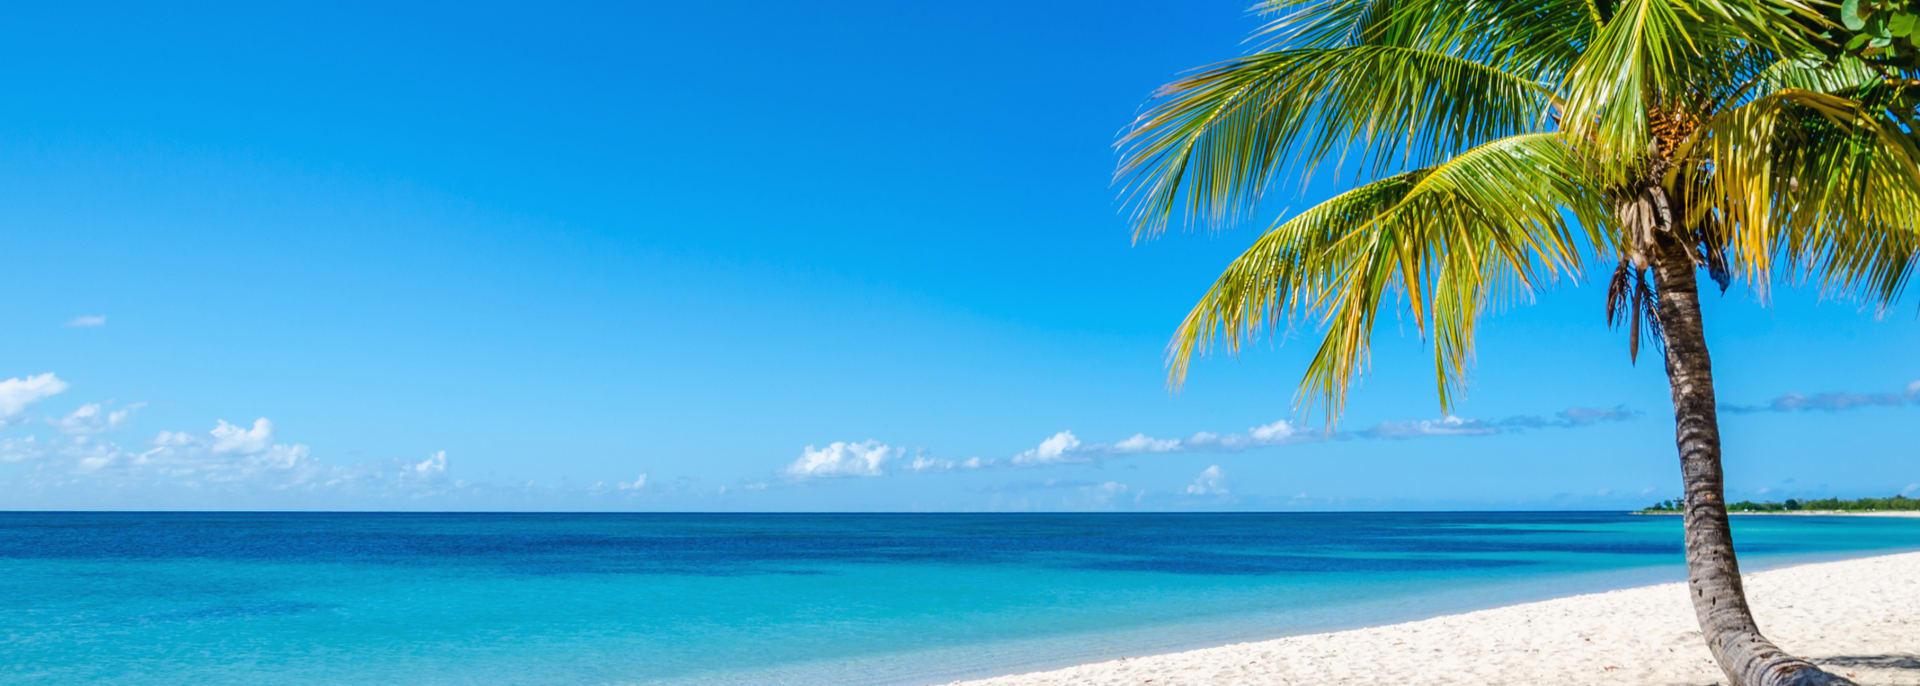 Exotischer Sandstrand mit schönen Palmen, Kuba, Karibische Inseln, Zentralamerika